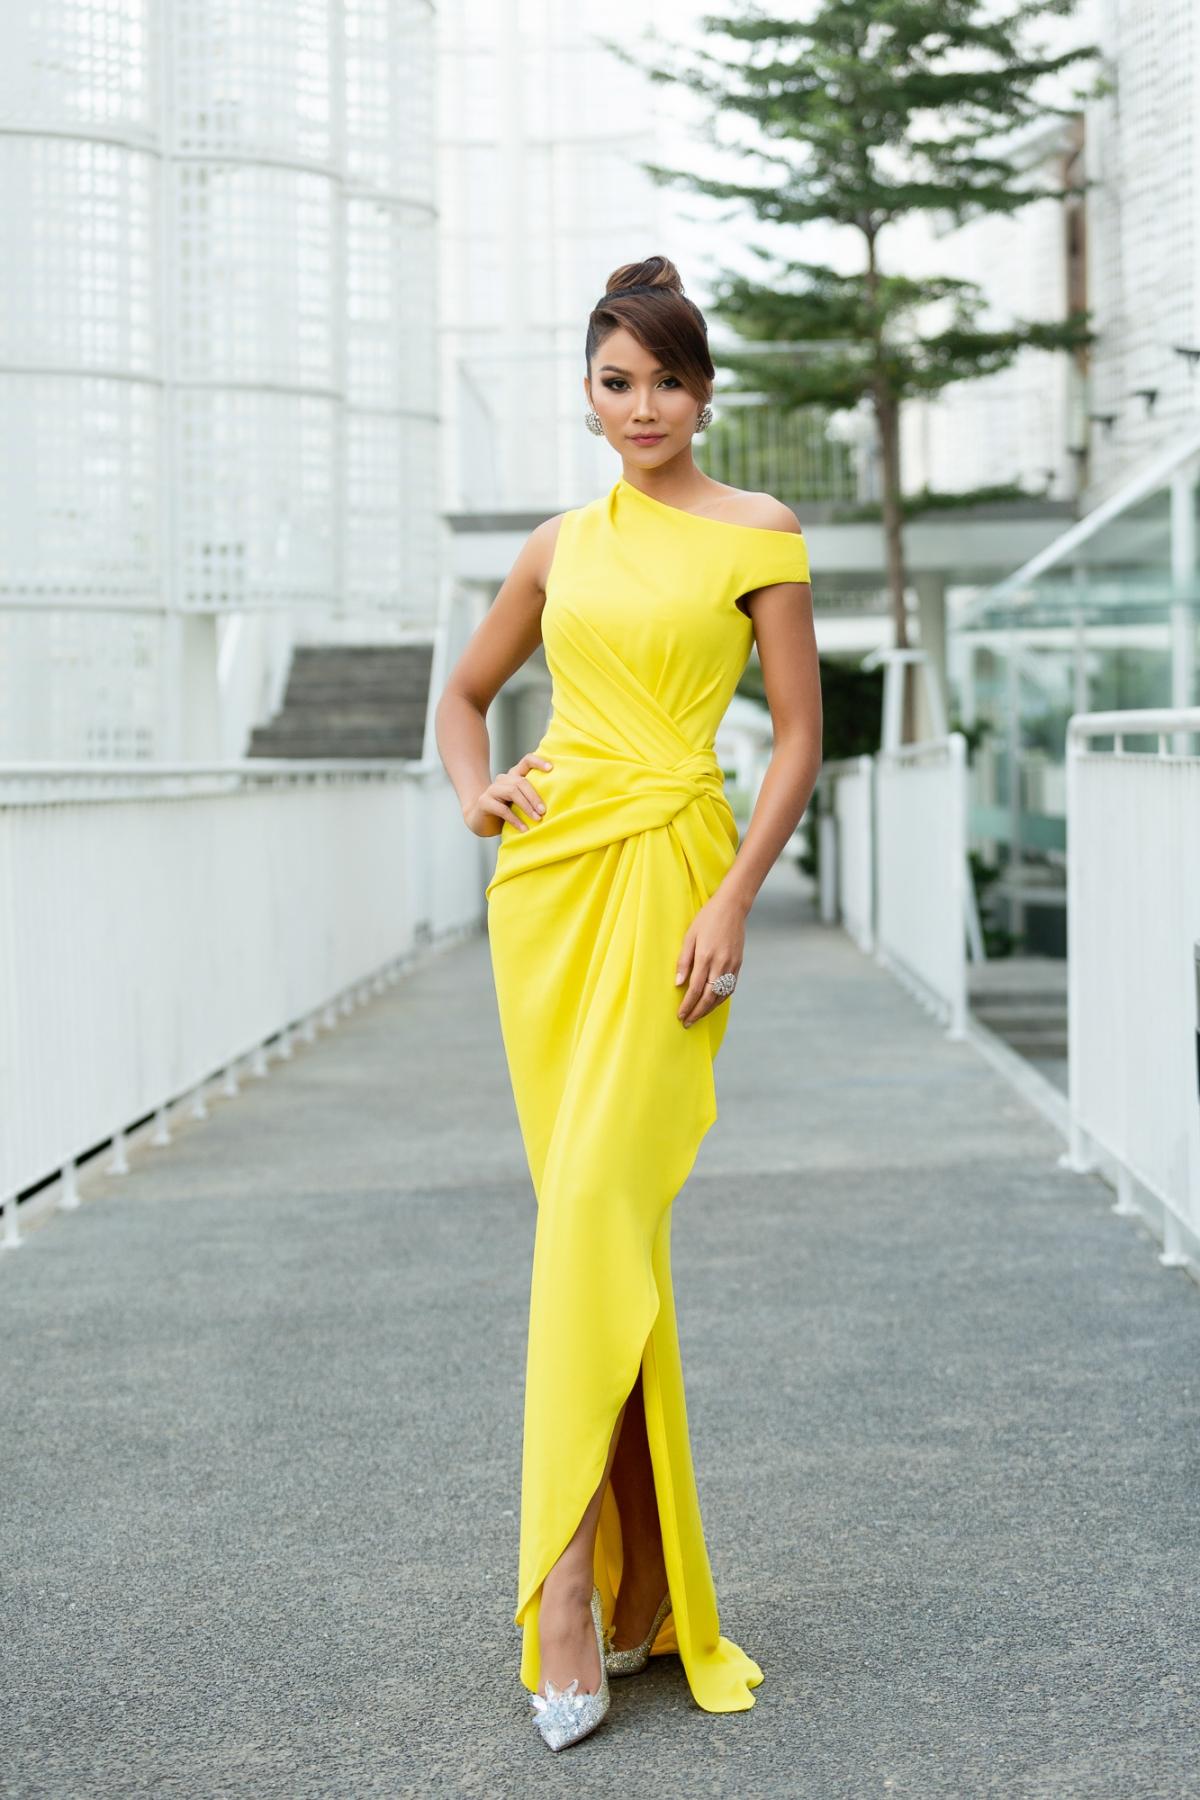 Ở một sự kiện trước đó, Hoa hậu H'Hen Niê diện chiếc đầm vàng tươi lệch vai, ôm trọn form dáng vô cùng thanh lịch và tinh tế.